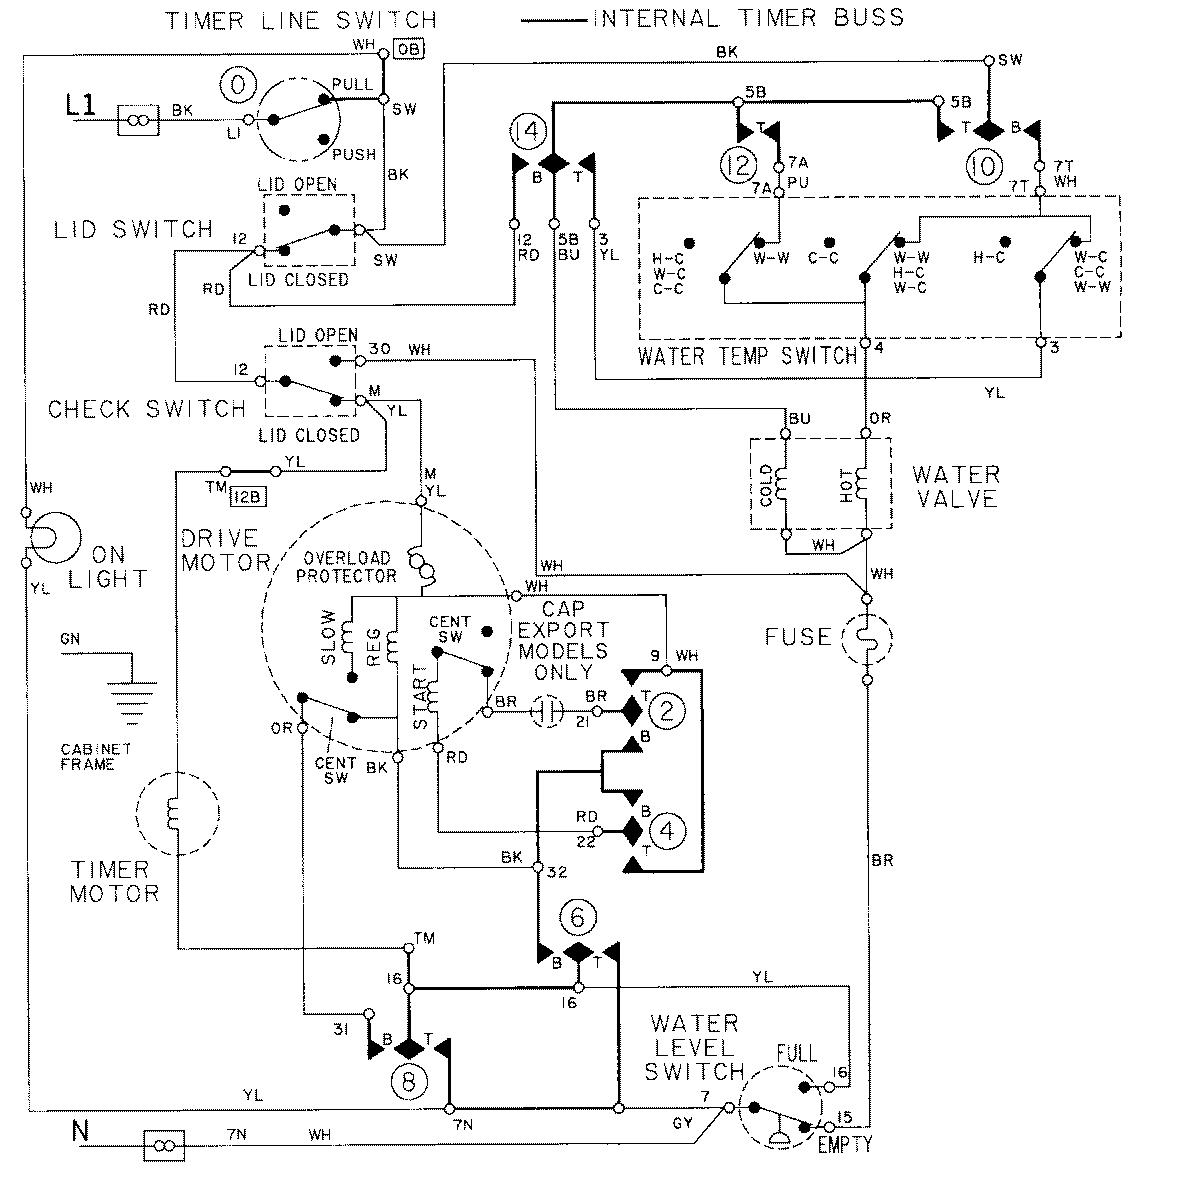 maytag centennial electric dryer wiring diagram